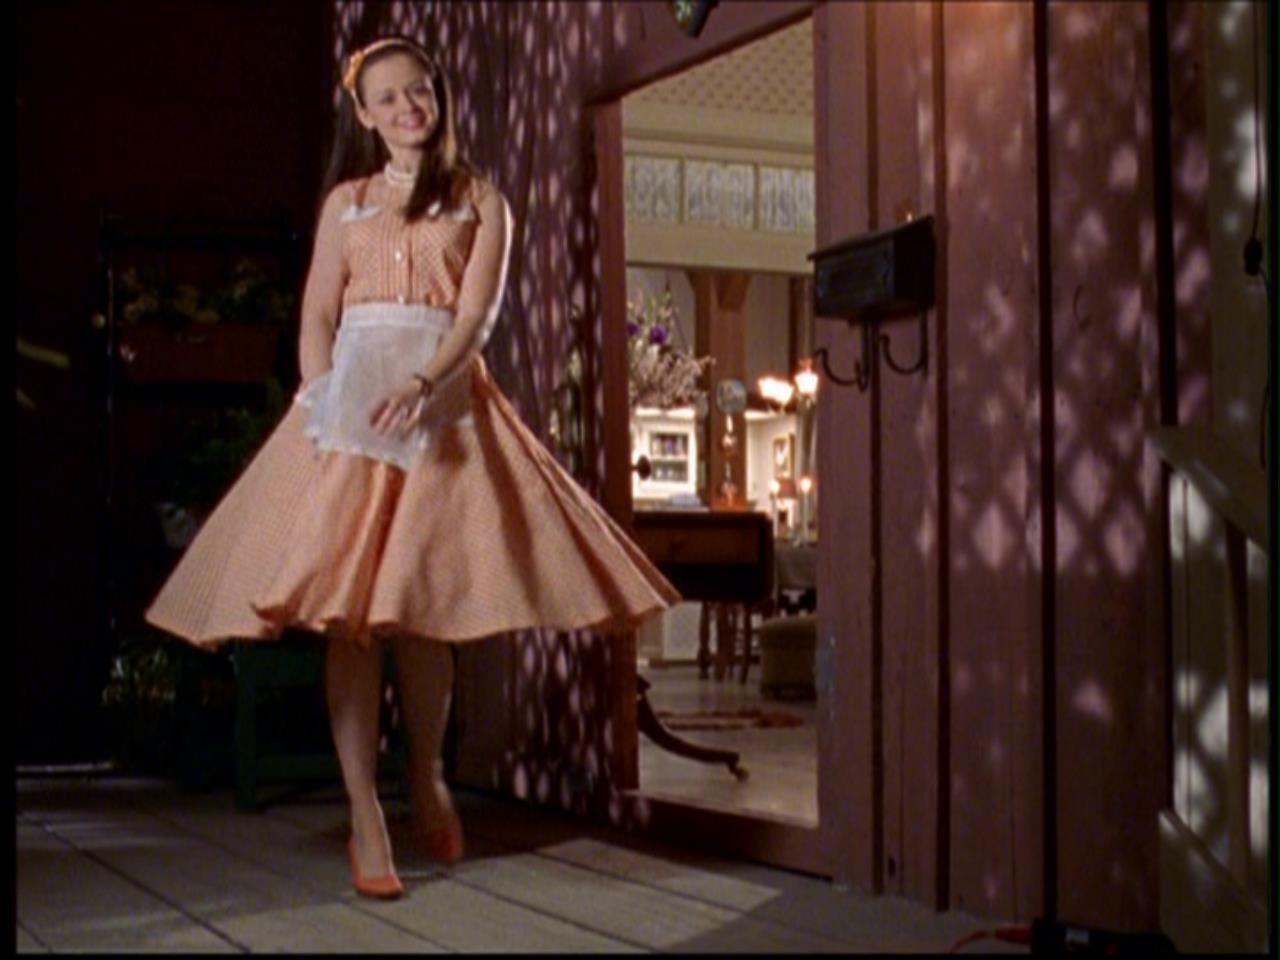 Gilmore Wedding Dress – Fashion dresses